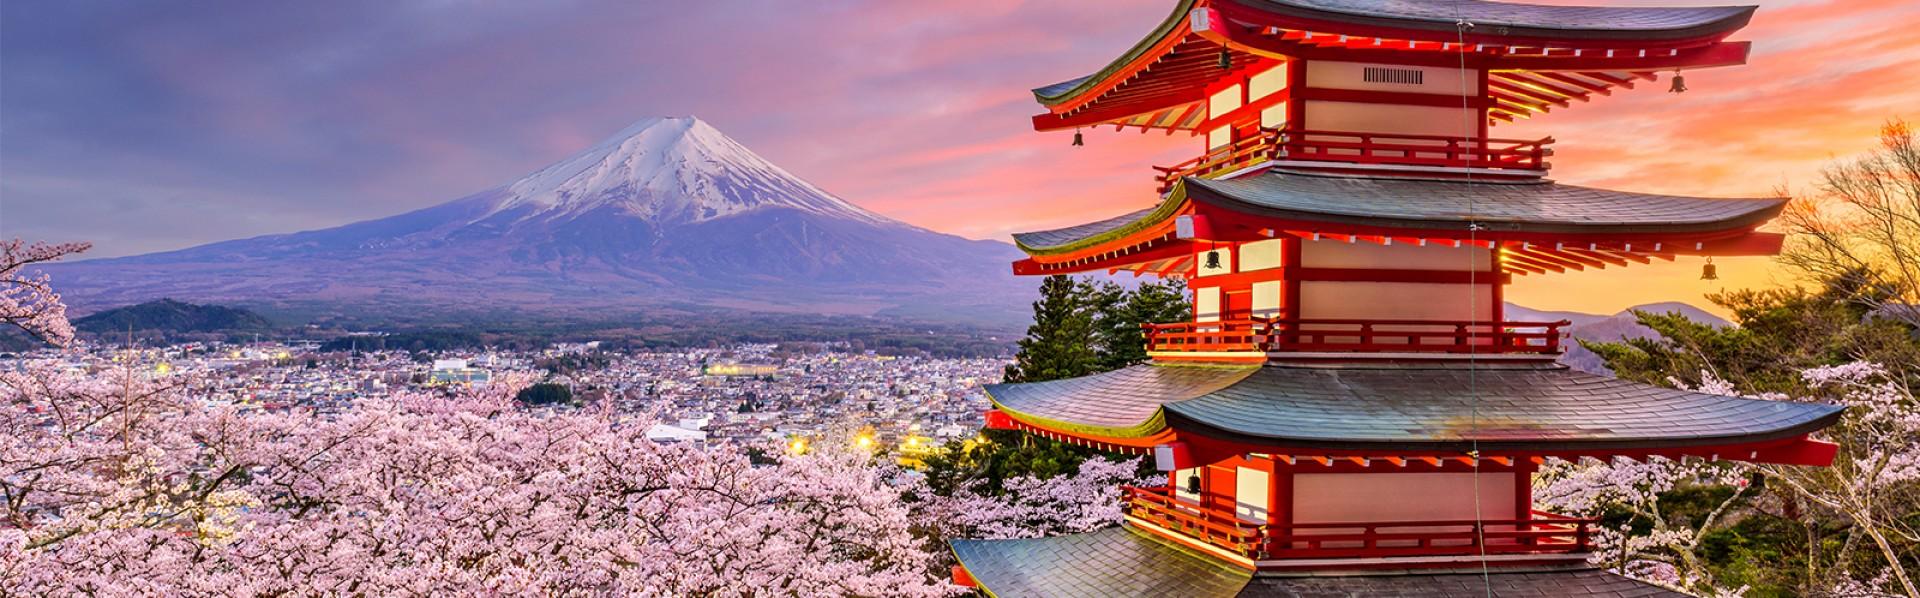 Le JAPON : Discussions générales, voyages, conseils, aides,... Sejour10